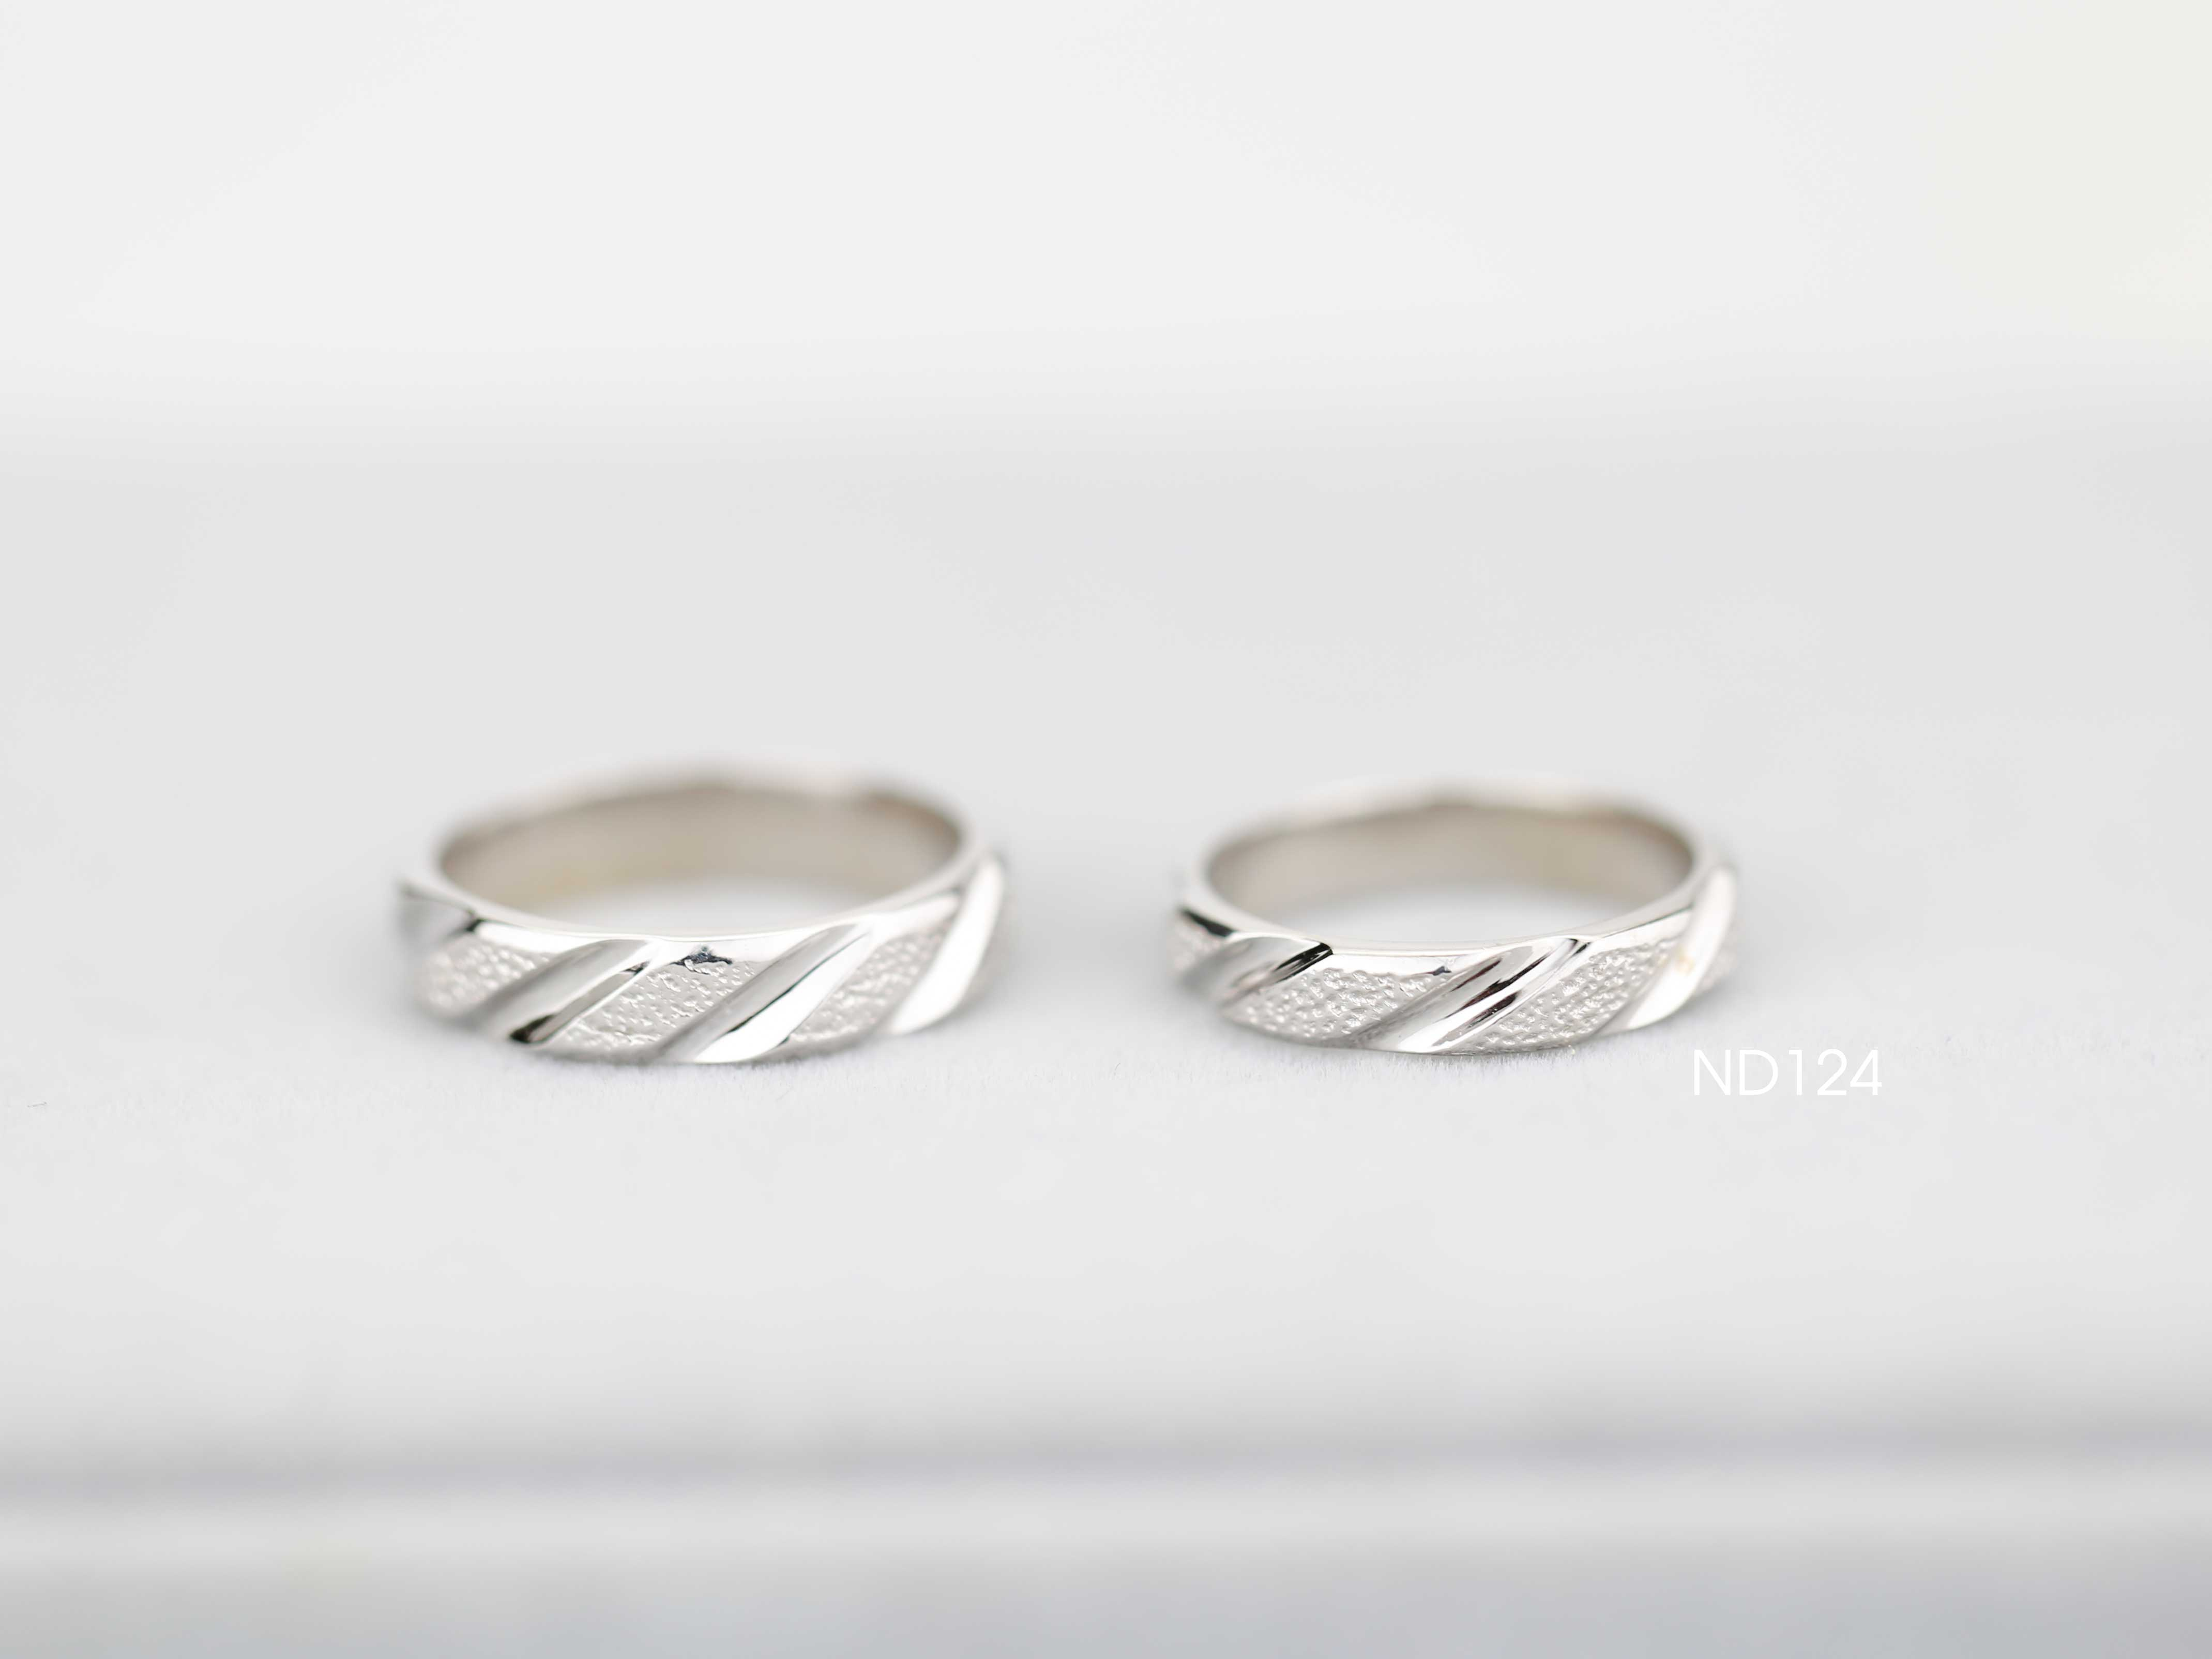 Nhẫn đôi nhẫn cặp bạc Lucy - ND124